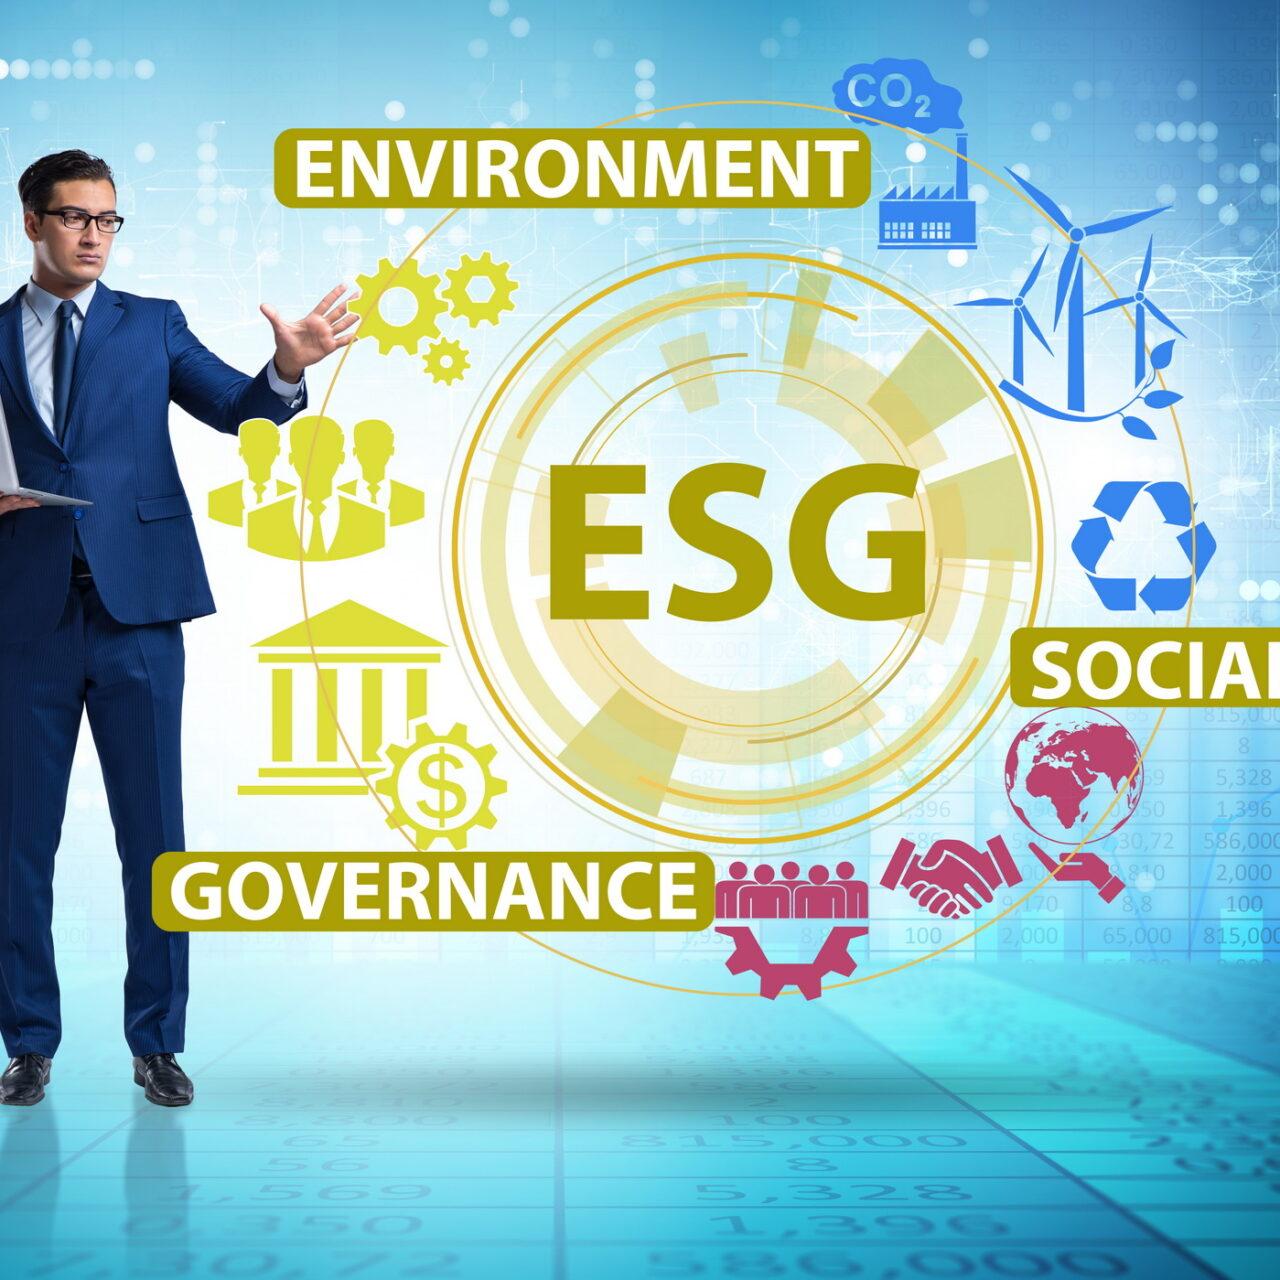 Institutionelle Investoren berücksichtigen verstärkt ESG-Faktoren bei der Asset-Allokation